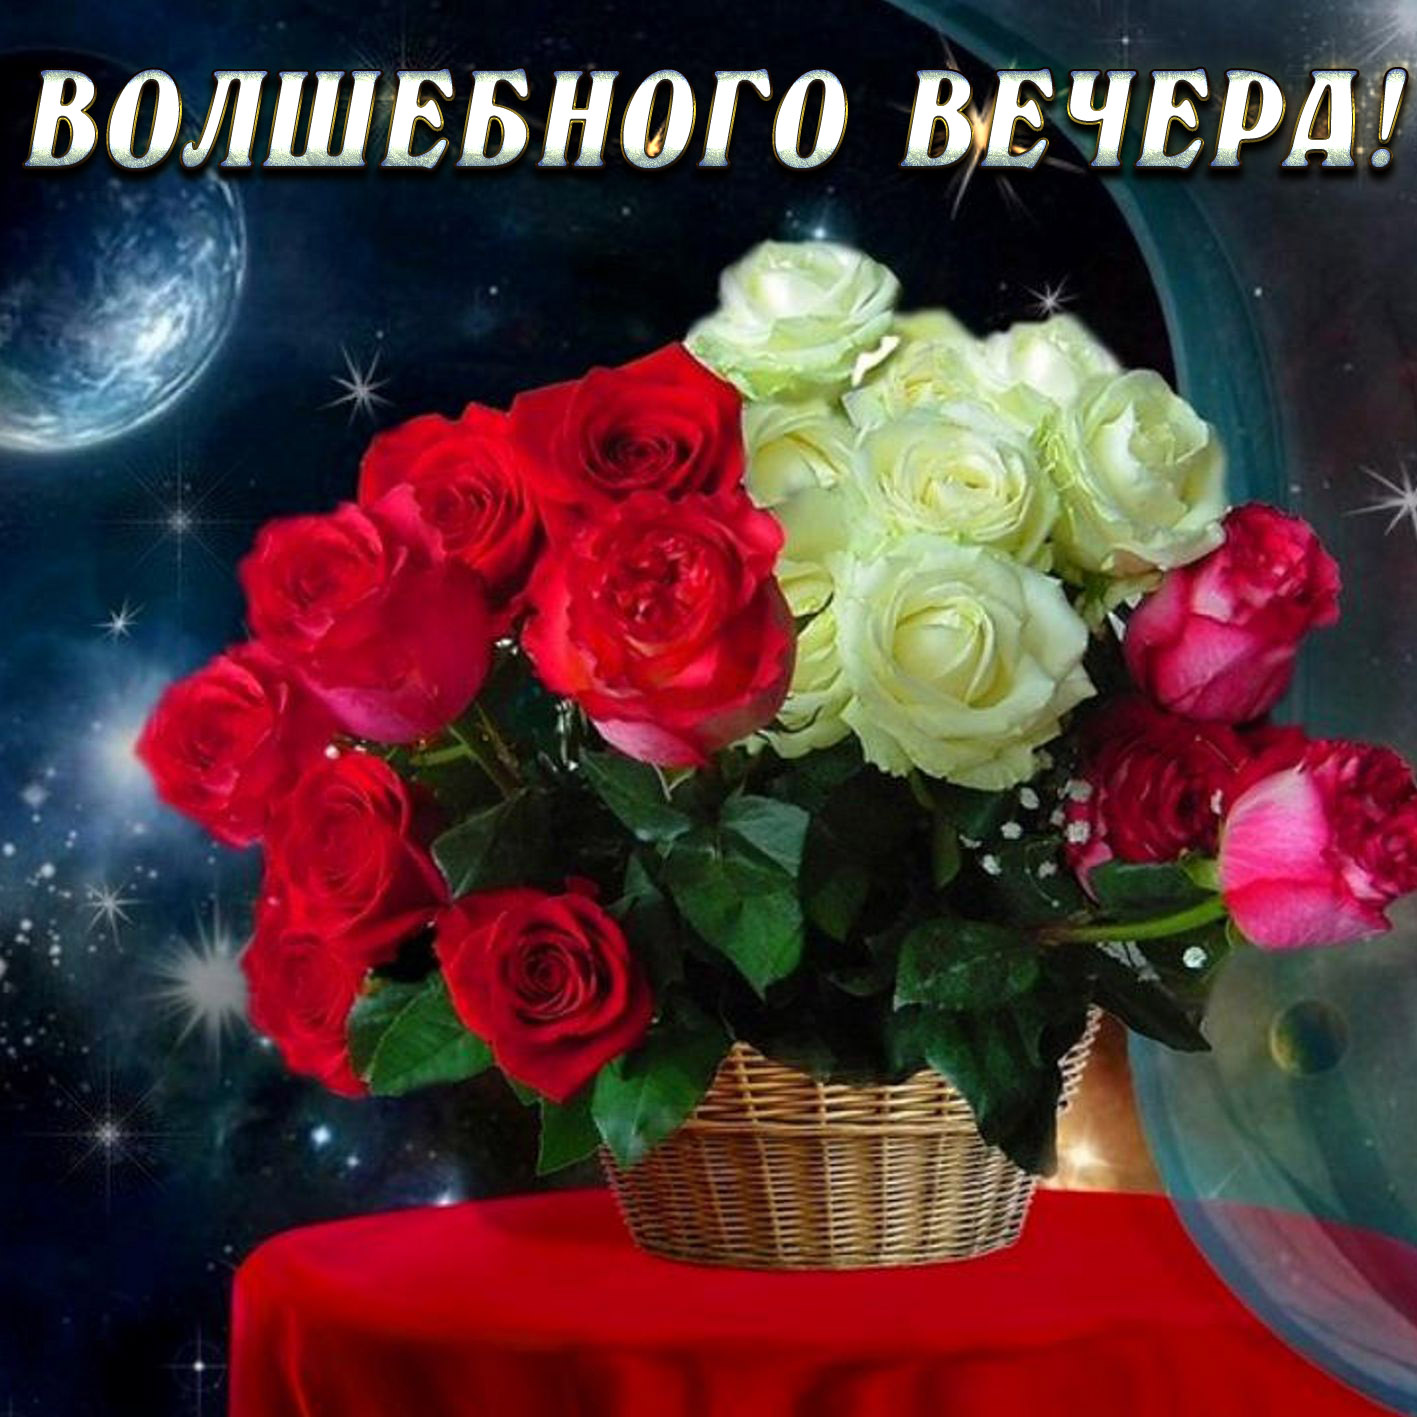 воды добрый вечер картинки букет роз одном